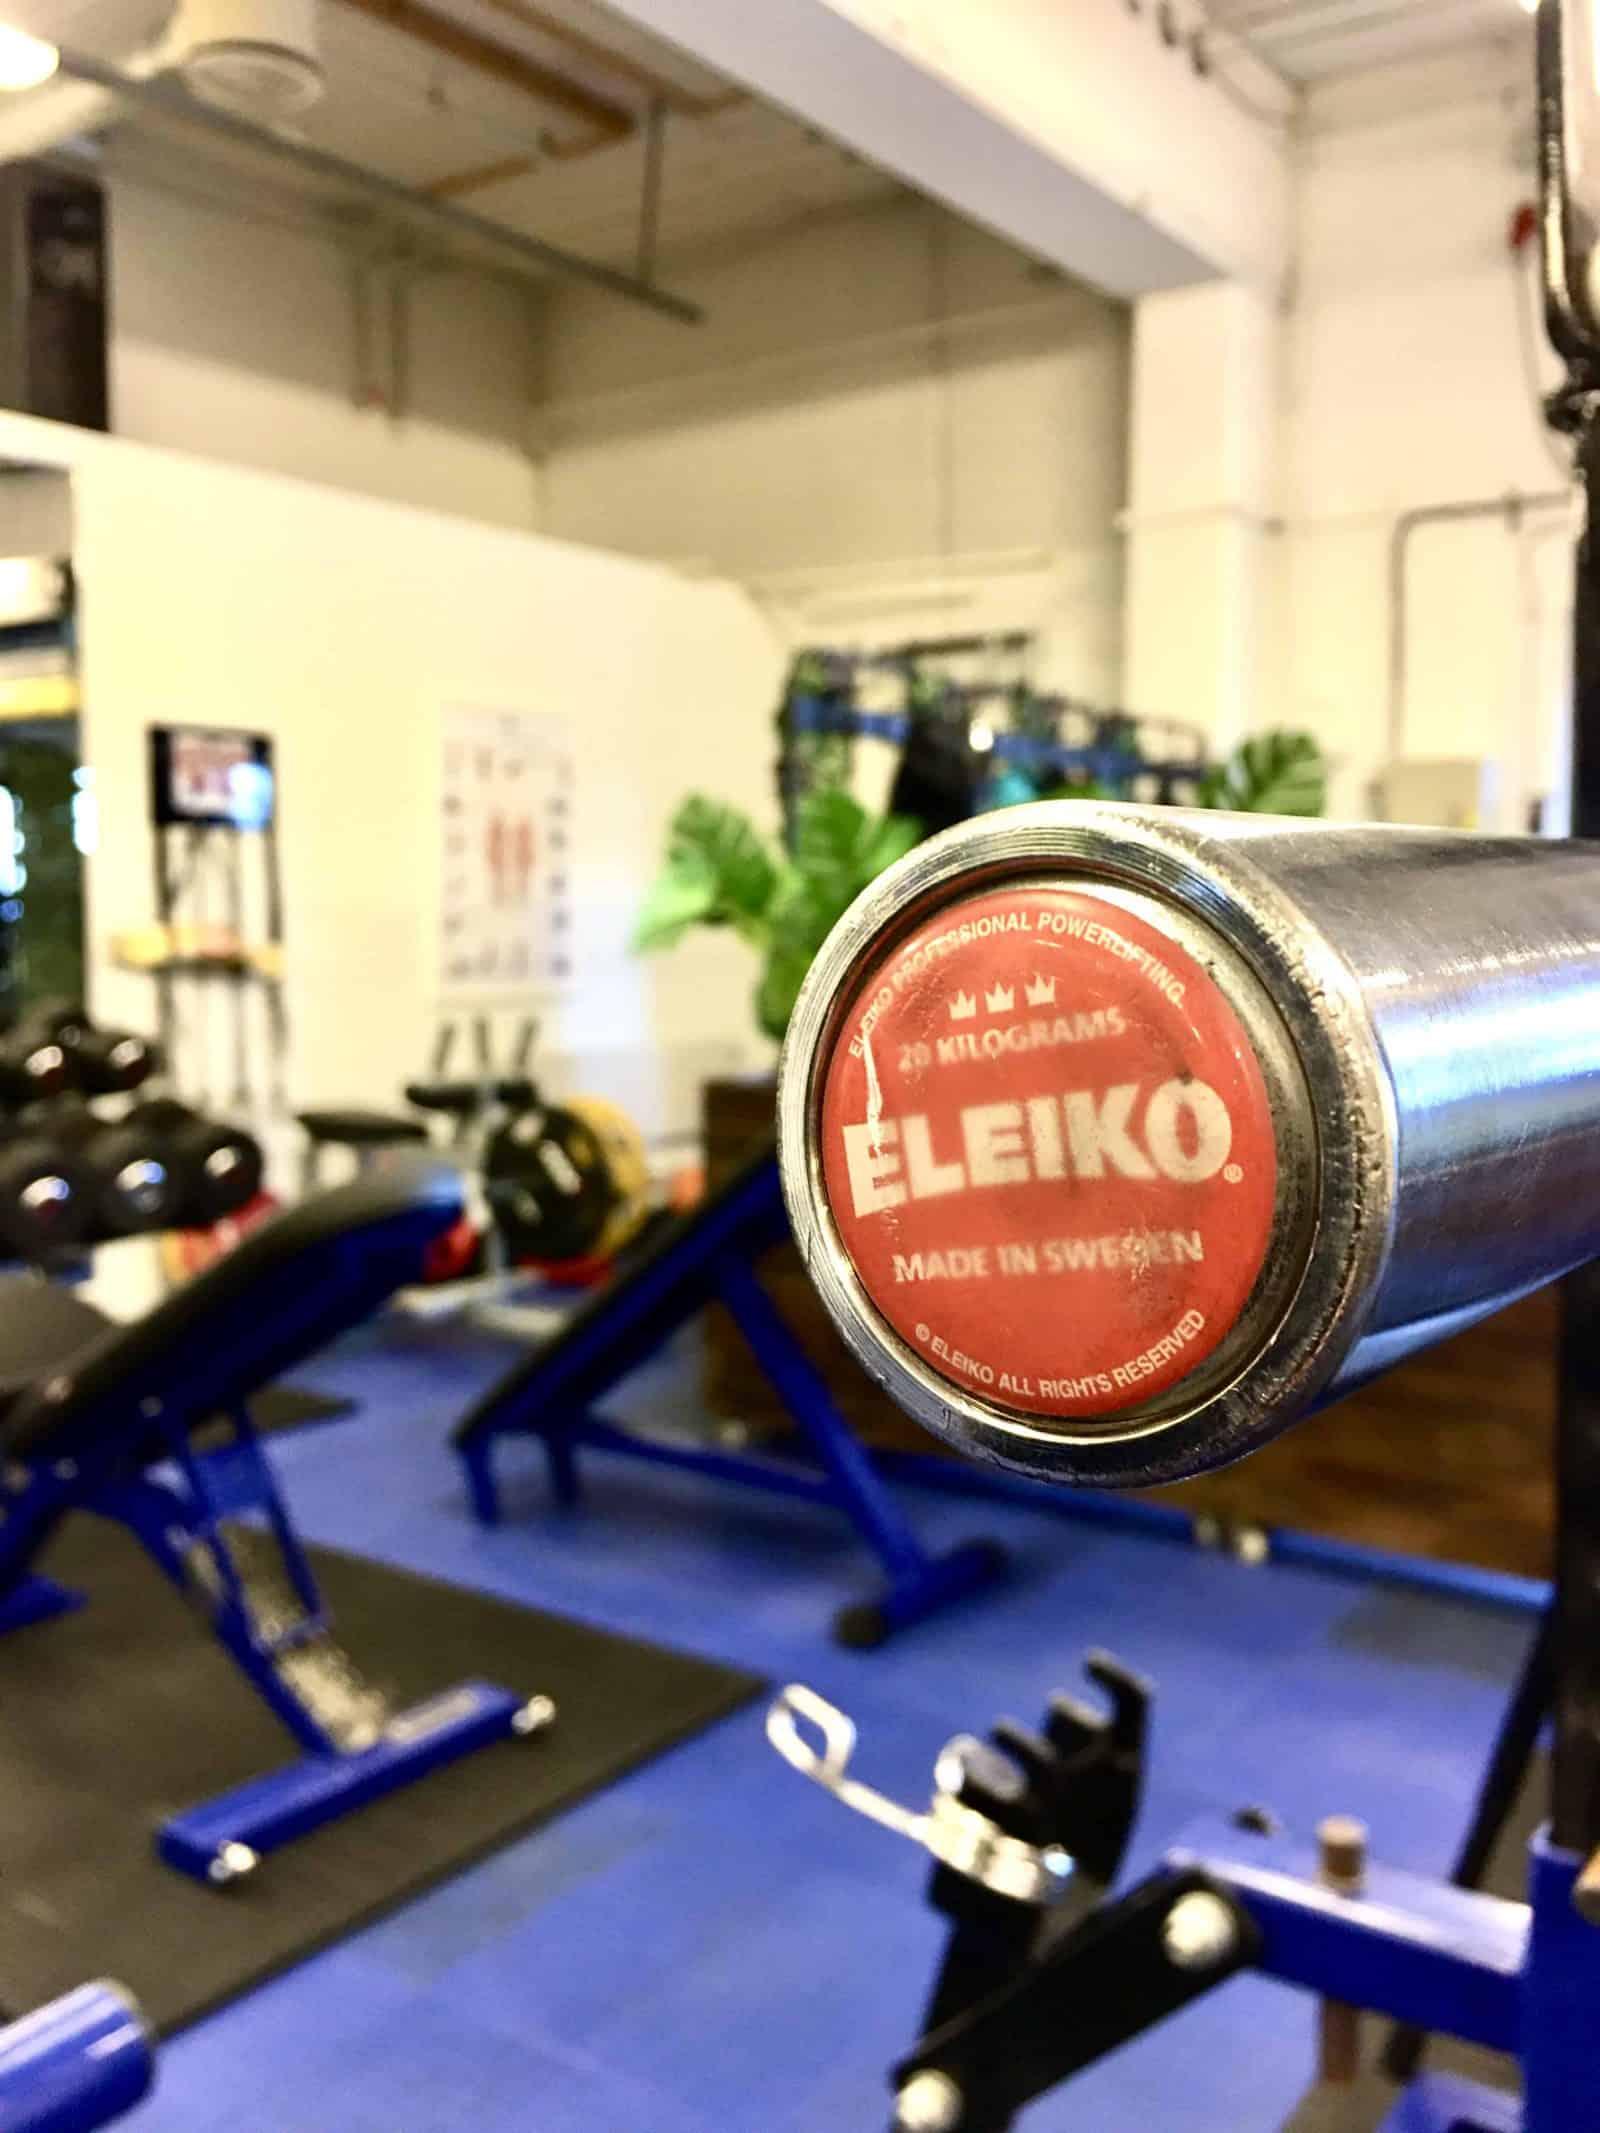 Vi har Eleiko og Leoko styrkeløftstenger. Våre Alex vektskiver er svært nære kalibrerte stålskiver i funksjon og vekt (vi har Eleiko kalibrerte skiver på vår avdeling på Selsbakk), men med håndtak.